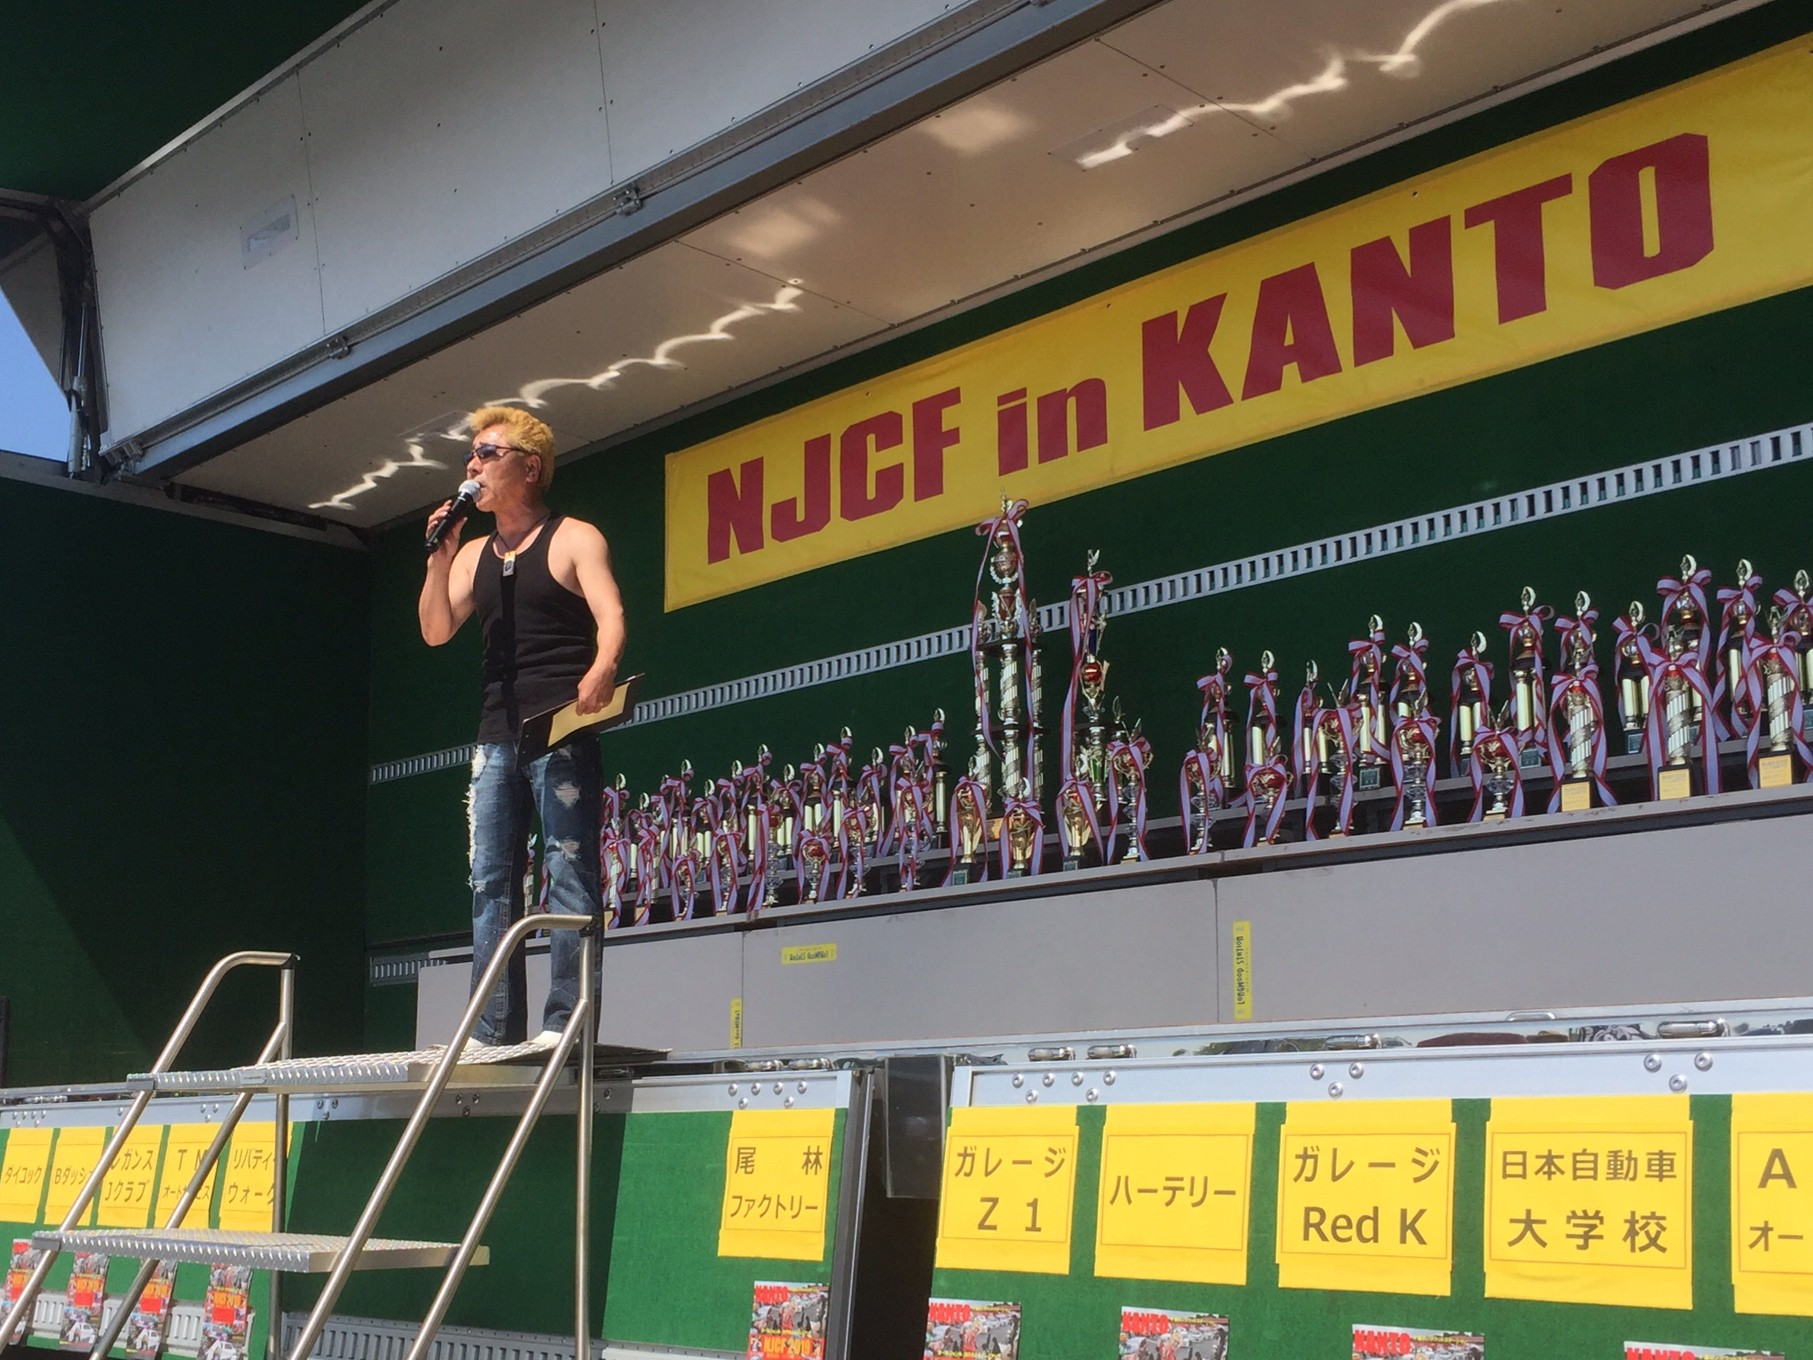 NJCF in KANTO 2019